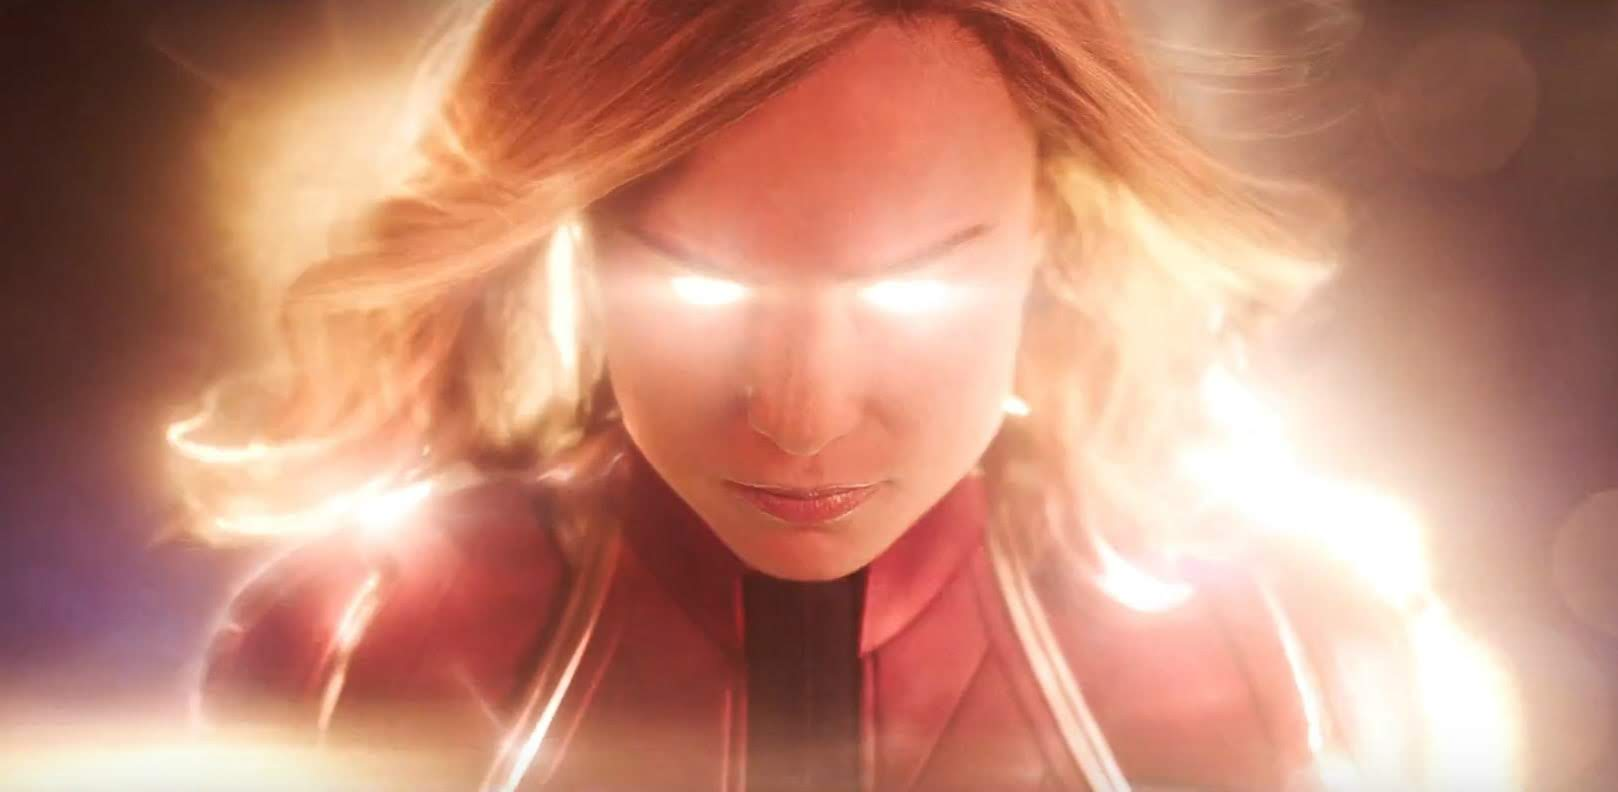 A new trailer for Captain Marvel will air tomorrow on ESPN Monday Night Football : ブリー・ラーソン主演の戦うヒロイン映画「キャプテン・マーベル」が、新しい予告編に先駆けて、チラ見せの予告編の予告編をリリース ! !